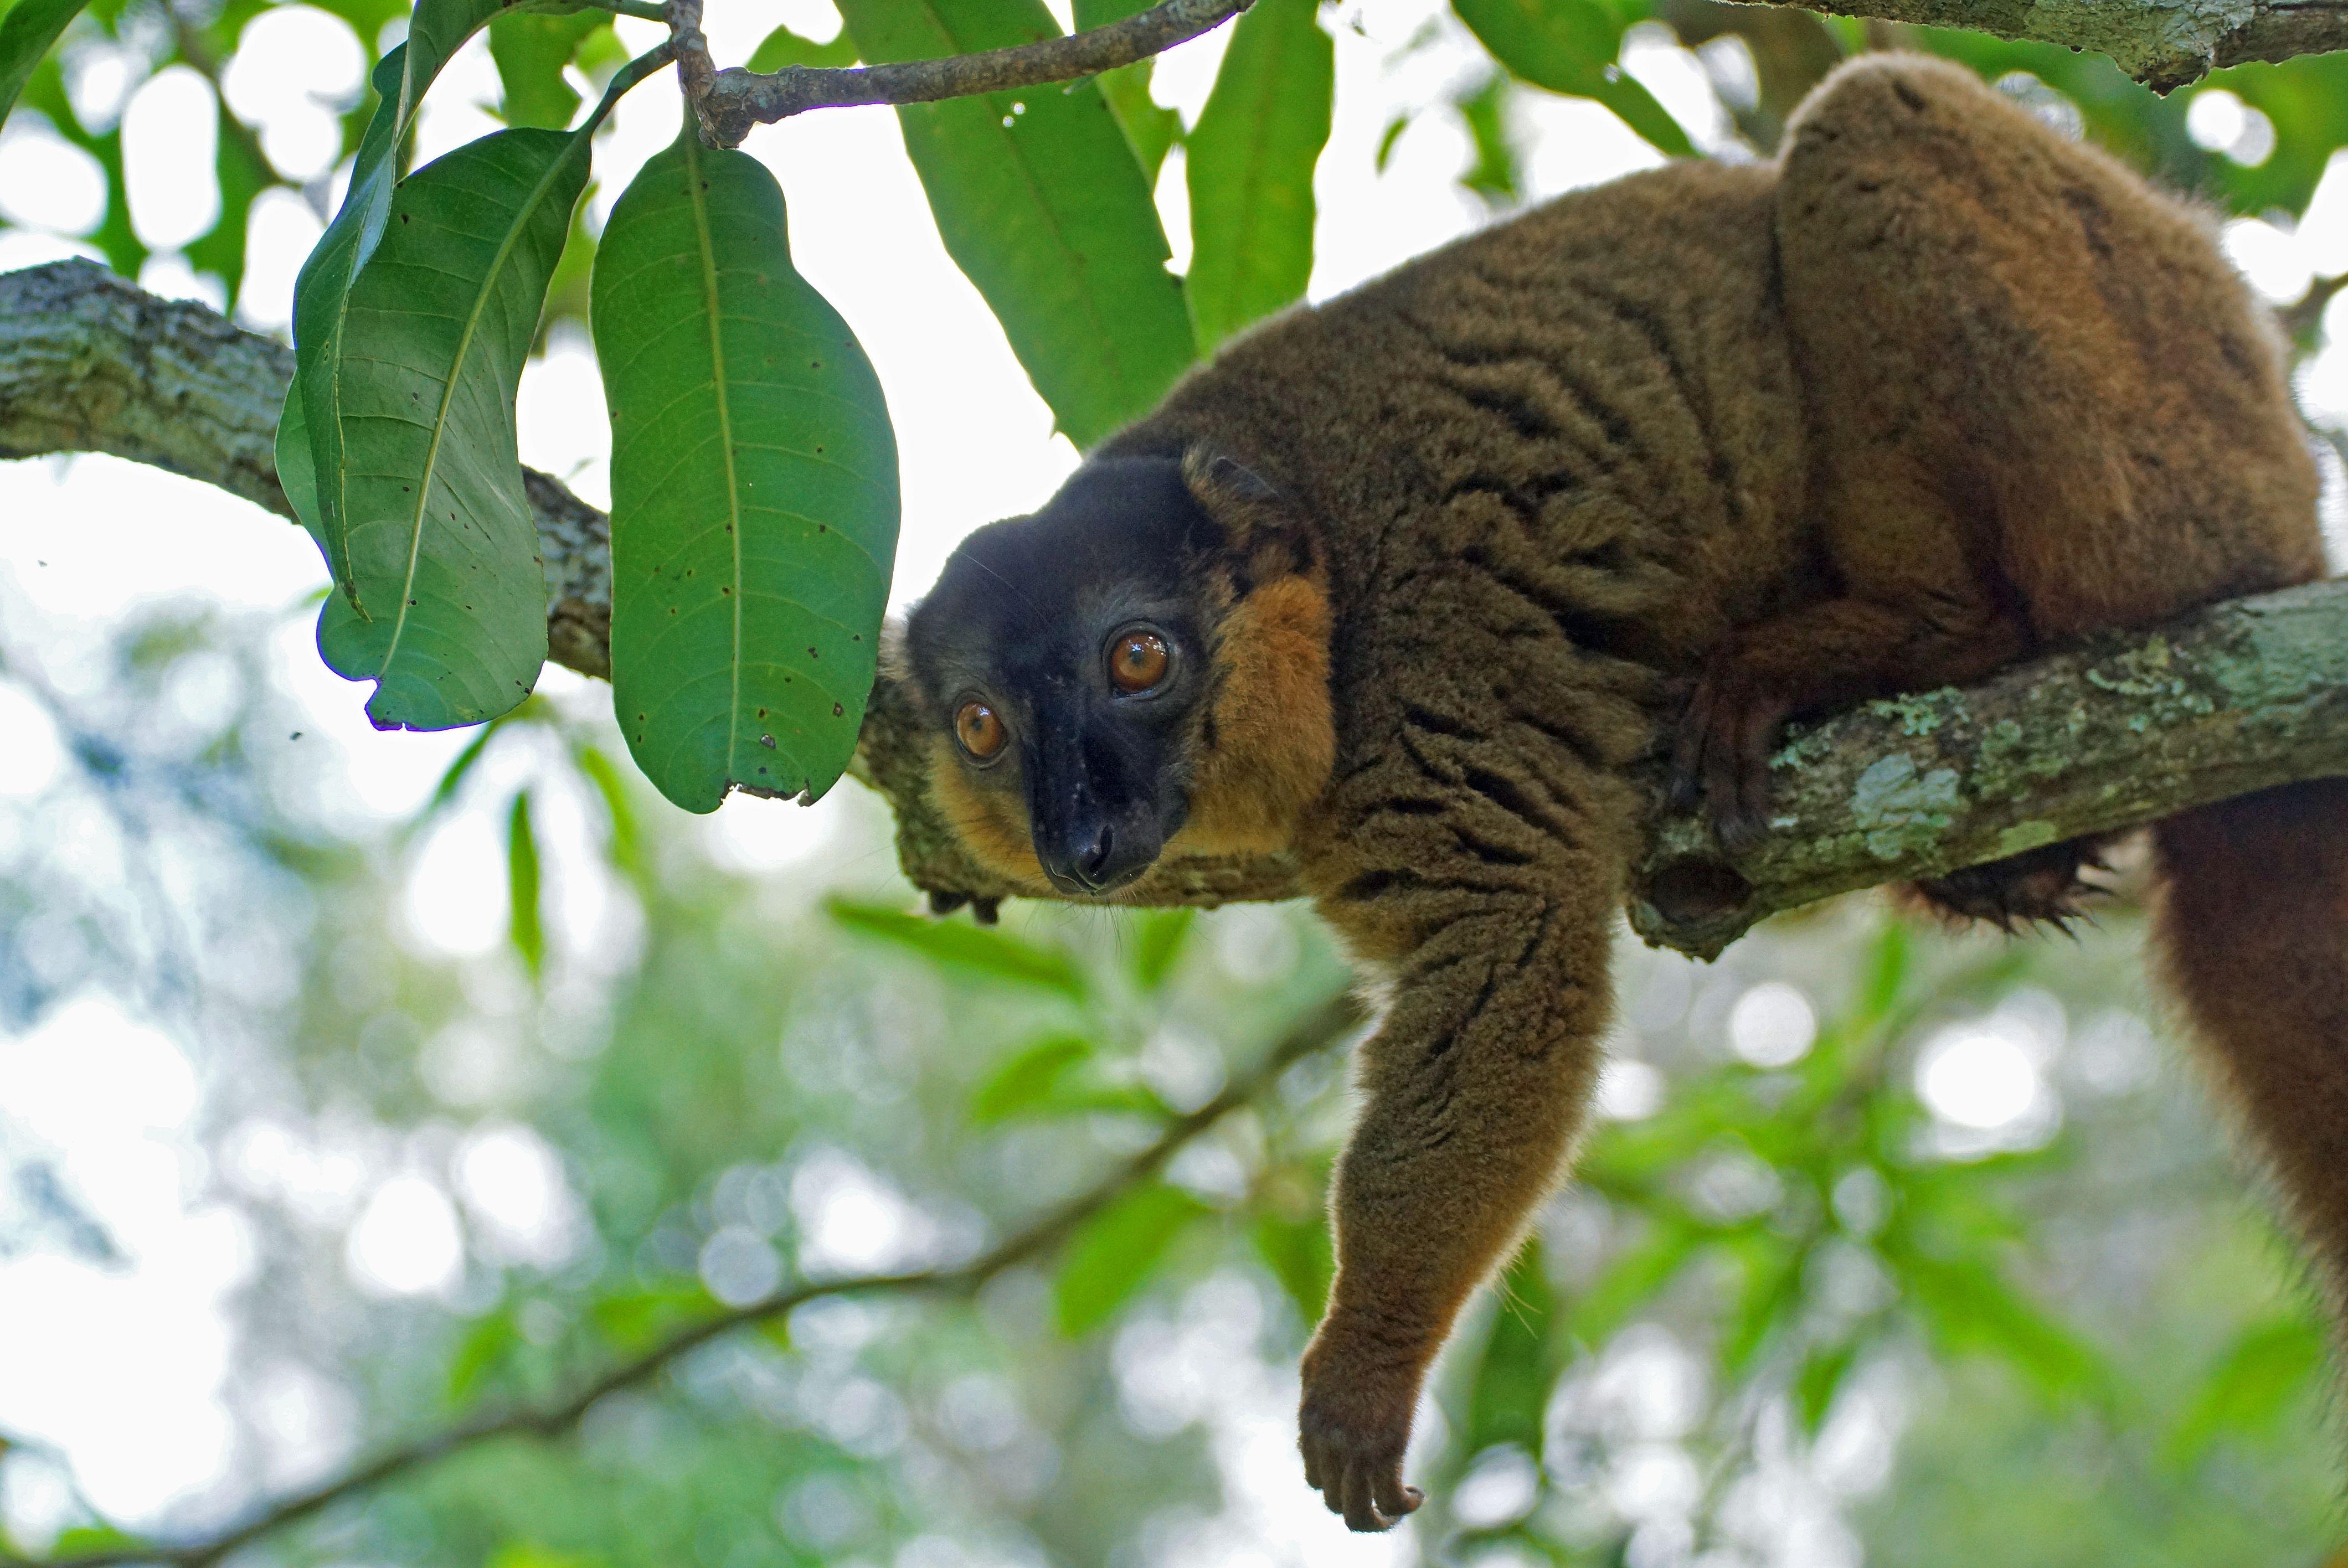 Madagaskar wirkt auch noch heute wie eine wundersame, geradezu kuriose Welt. In Wäldern voller Baobabs und Litschis leben viele einheimische Tiere und Pflanzen: Chamäleons aller Größen und tanzende Lemuren aller Couleur. Es scheint, als beobachteten einen die typischen kugelrunden Augen der Primaten von jedem Baumwipfel aus. Malaiische, arabische, afrikanische und später europäische Vorfahren haben auf Madagaskar eine Kultur geschaffen, die so eigensinnig und charmant ist wie ihre Umwelt.